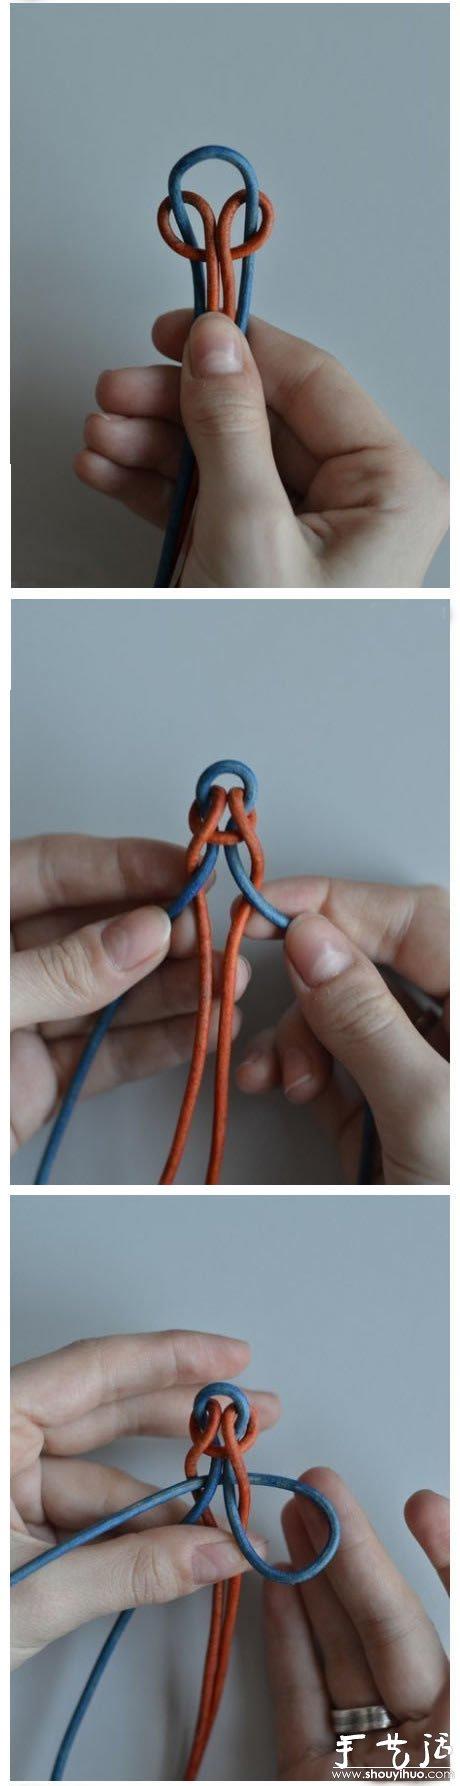 漂亮手鏈的手工製作方法